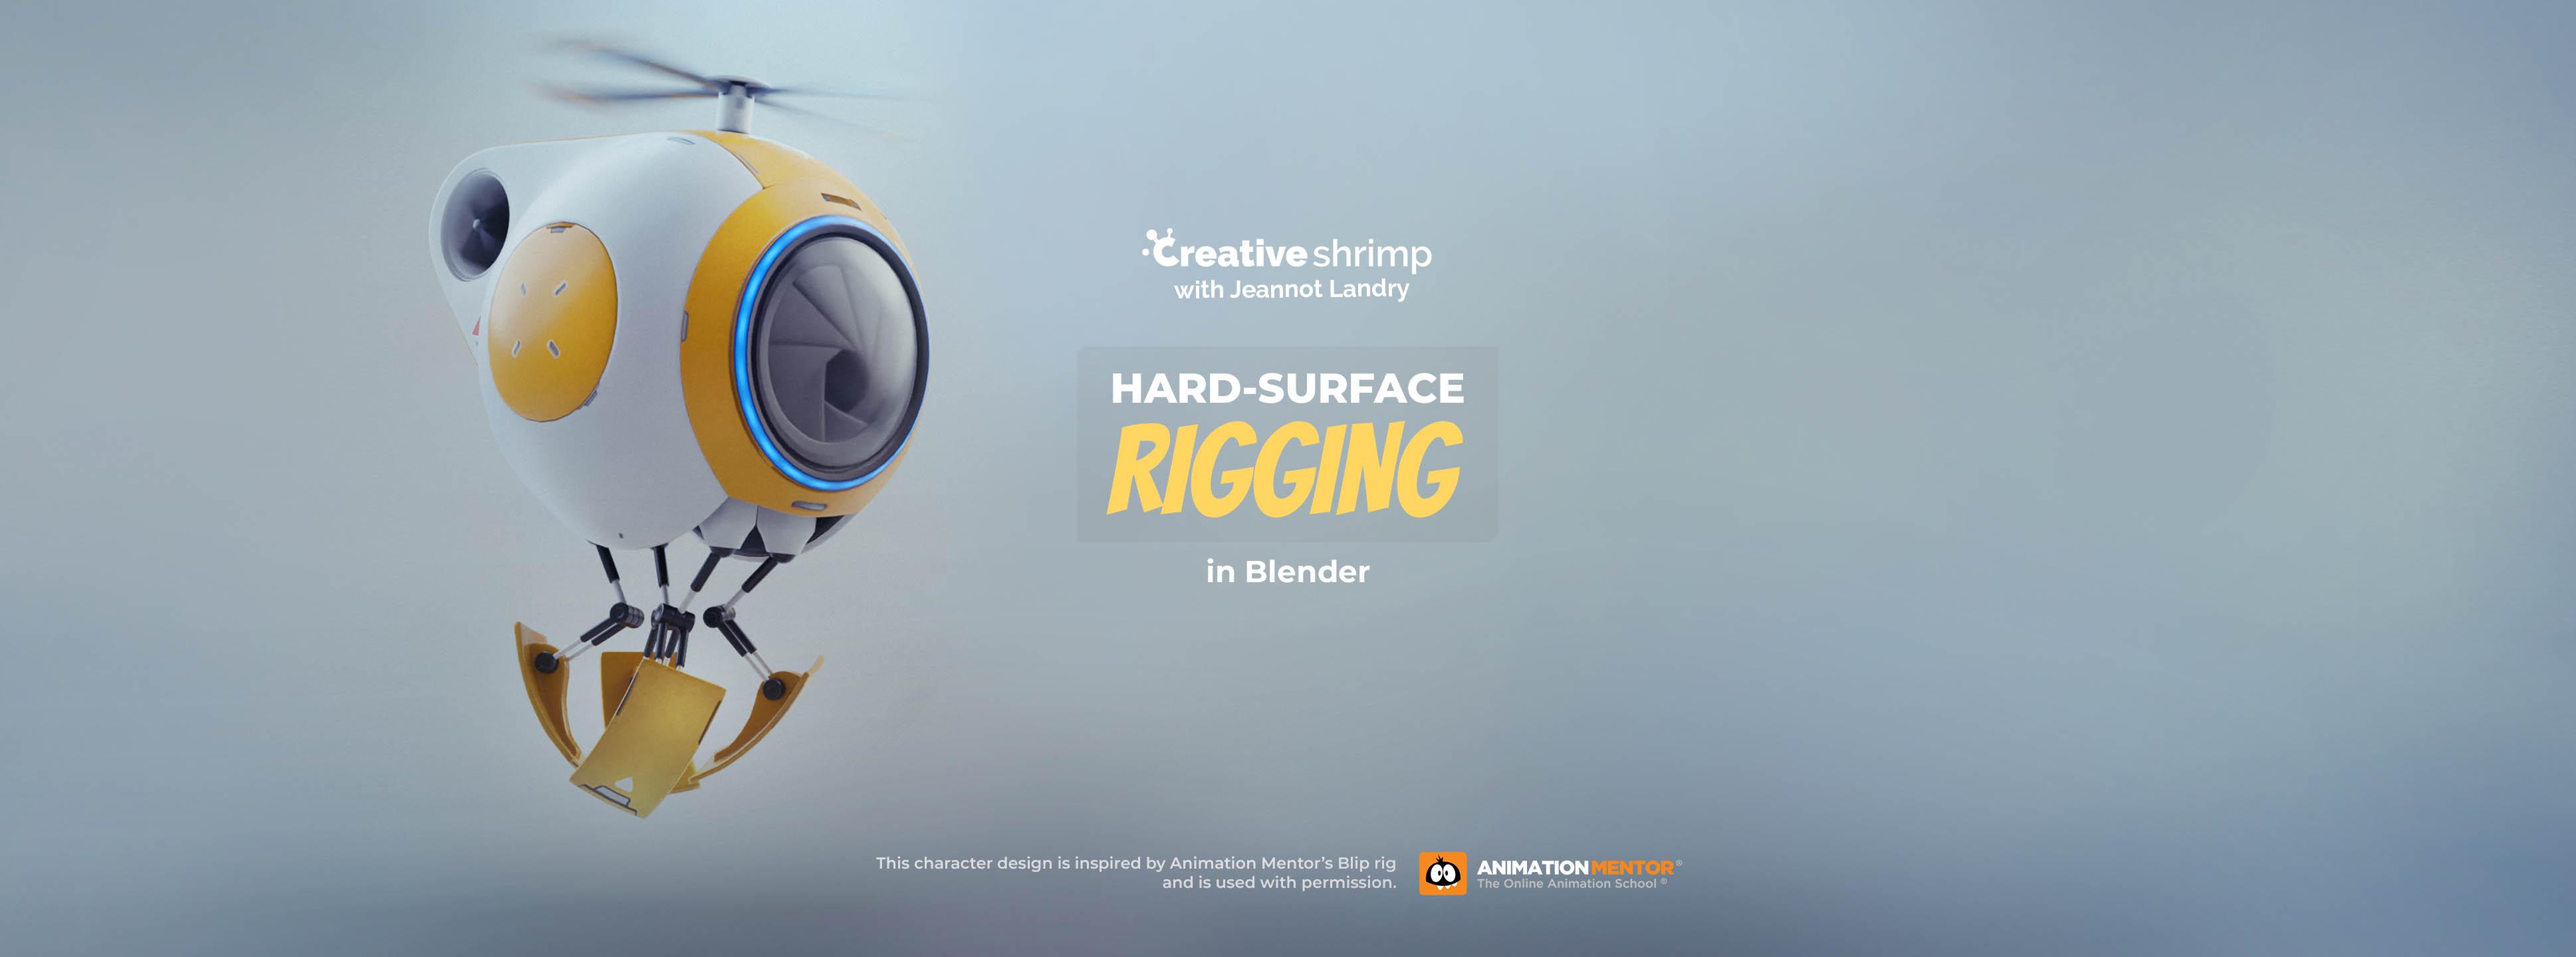 hard surface rigging in blender